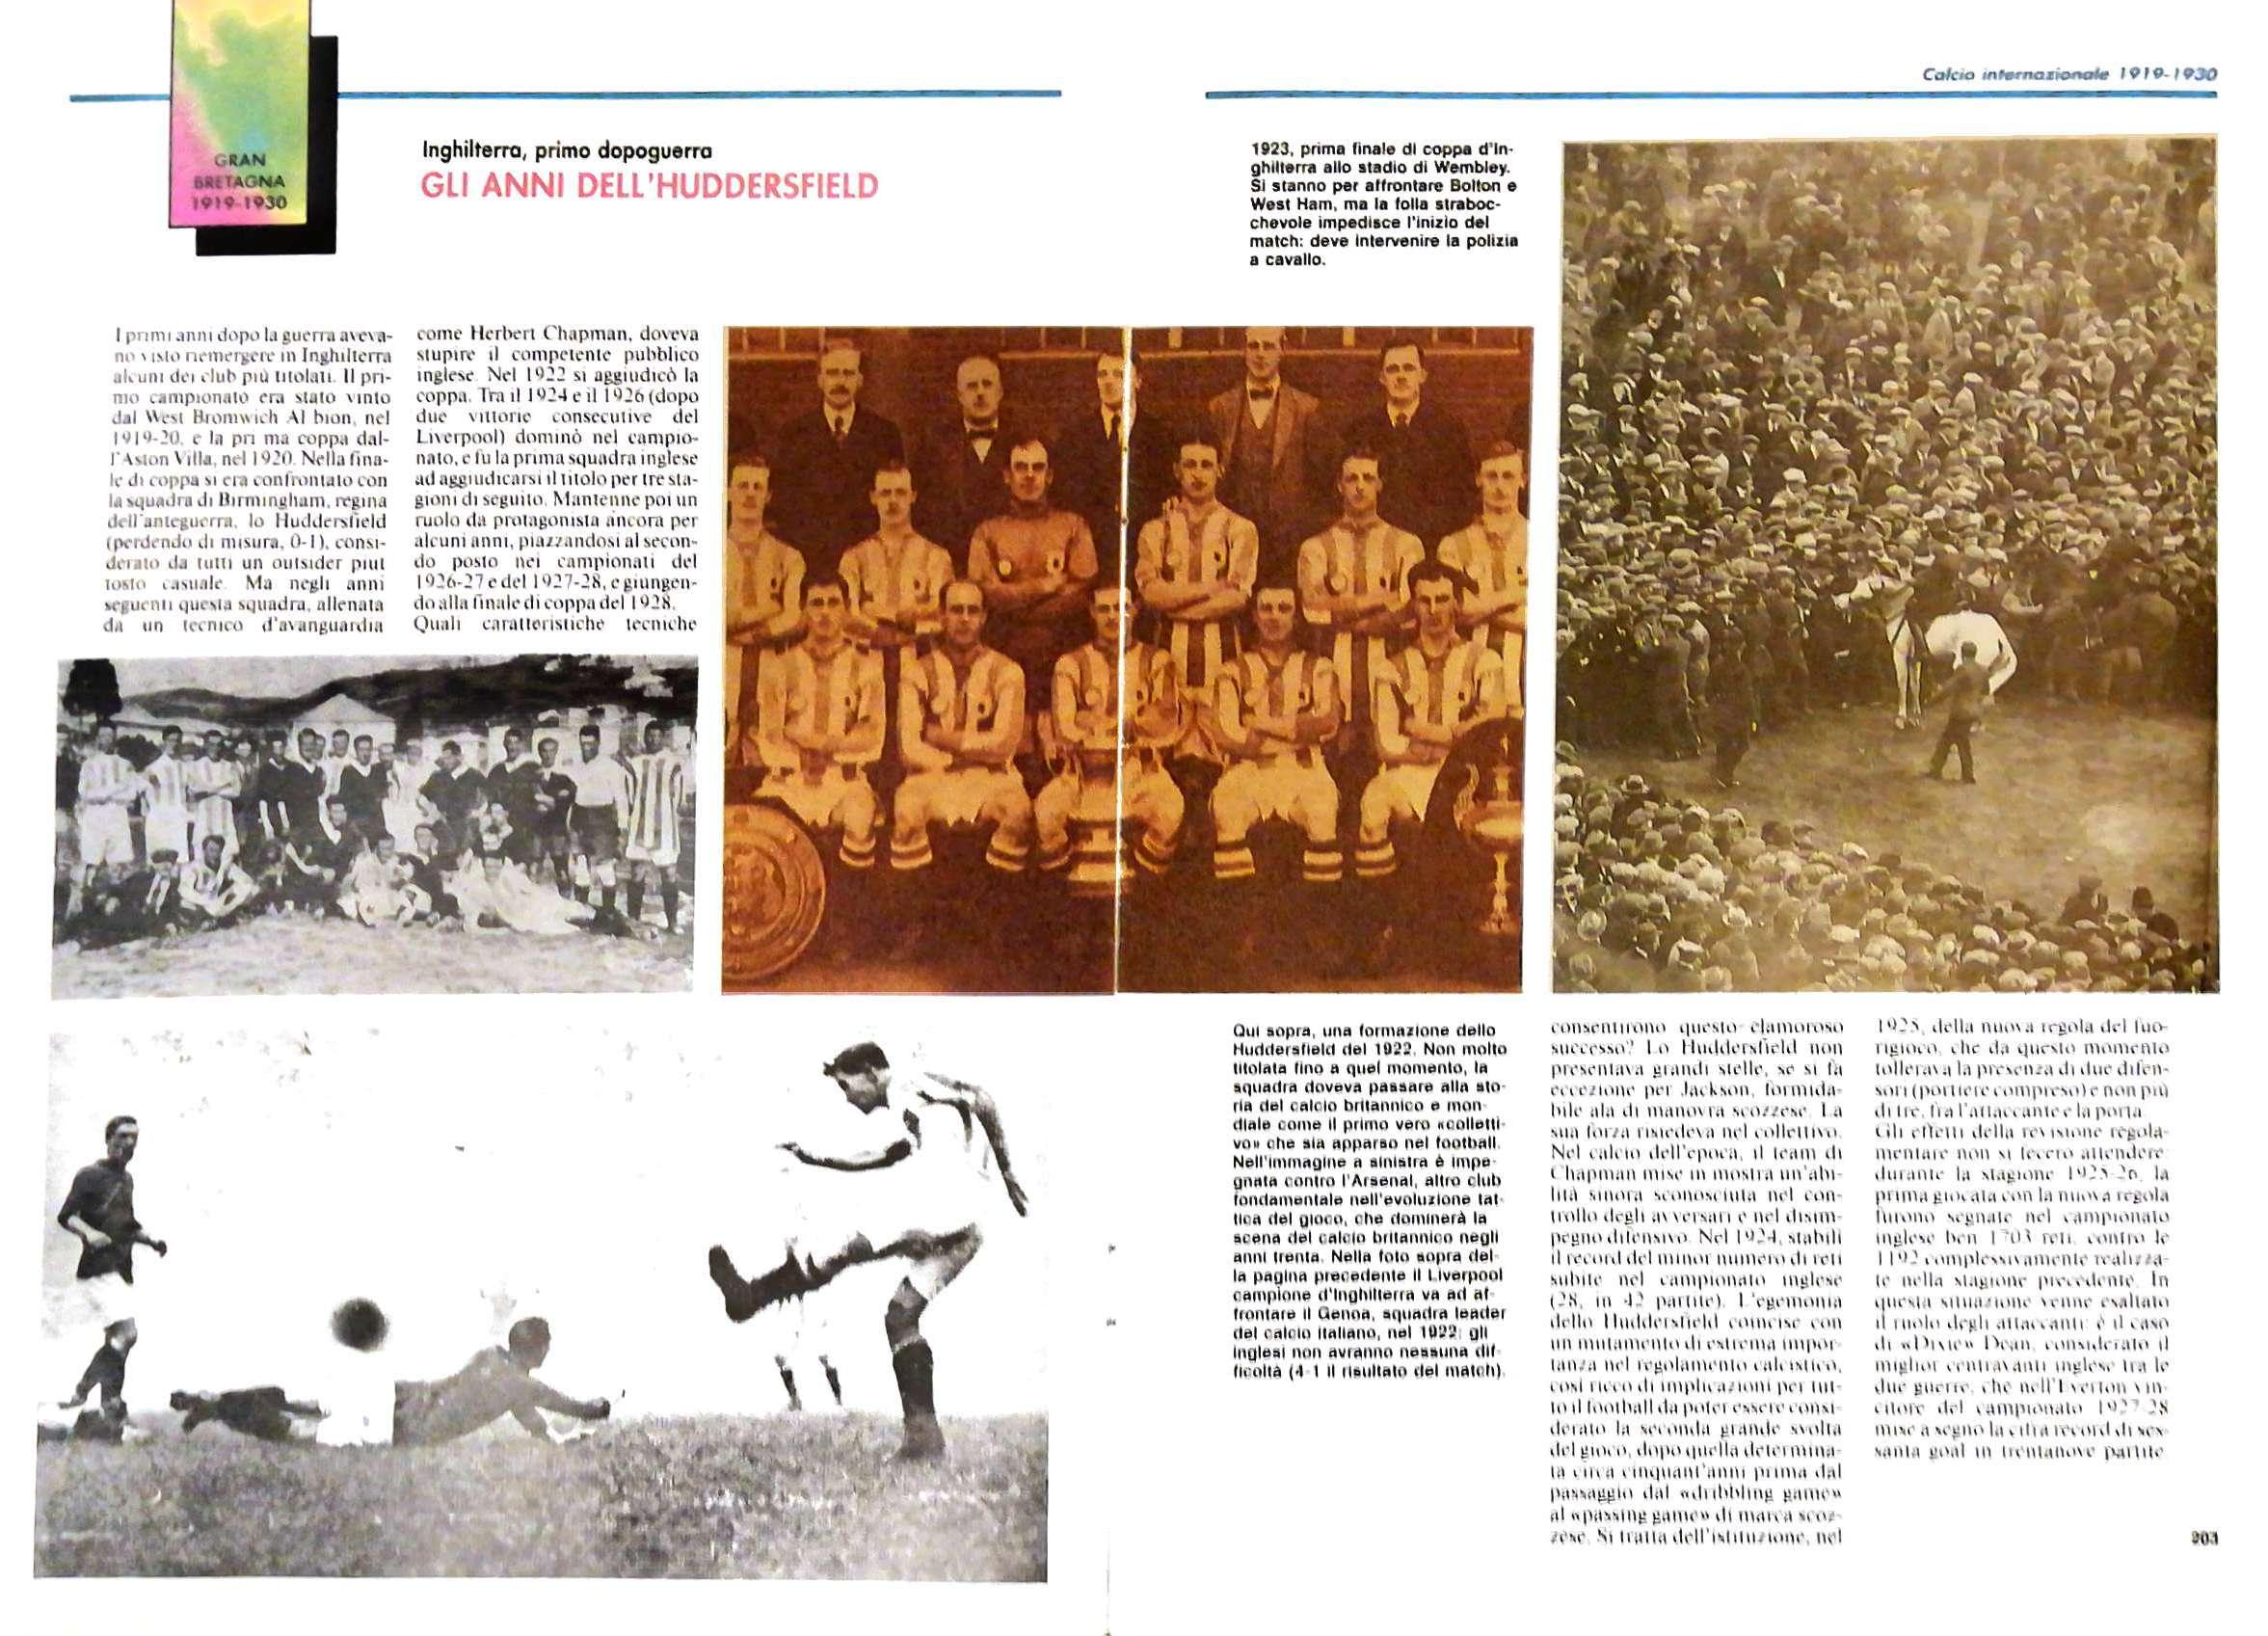 Huddersfield articolo